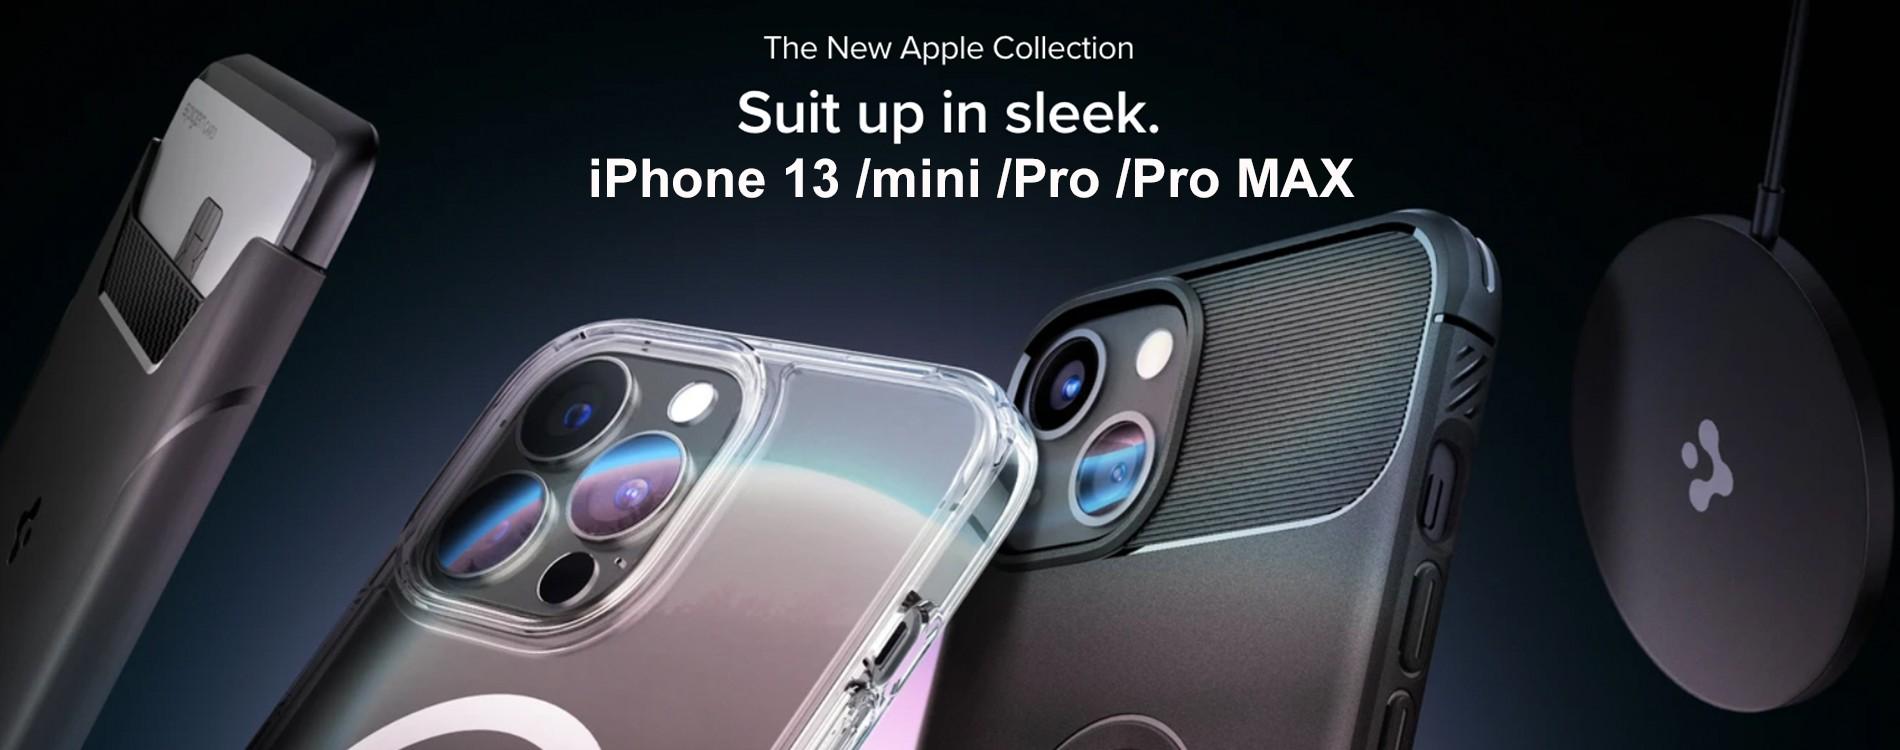 SPIGEN Cases for iPhone 13 Series!